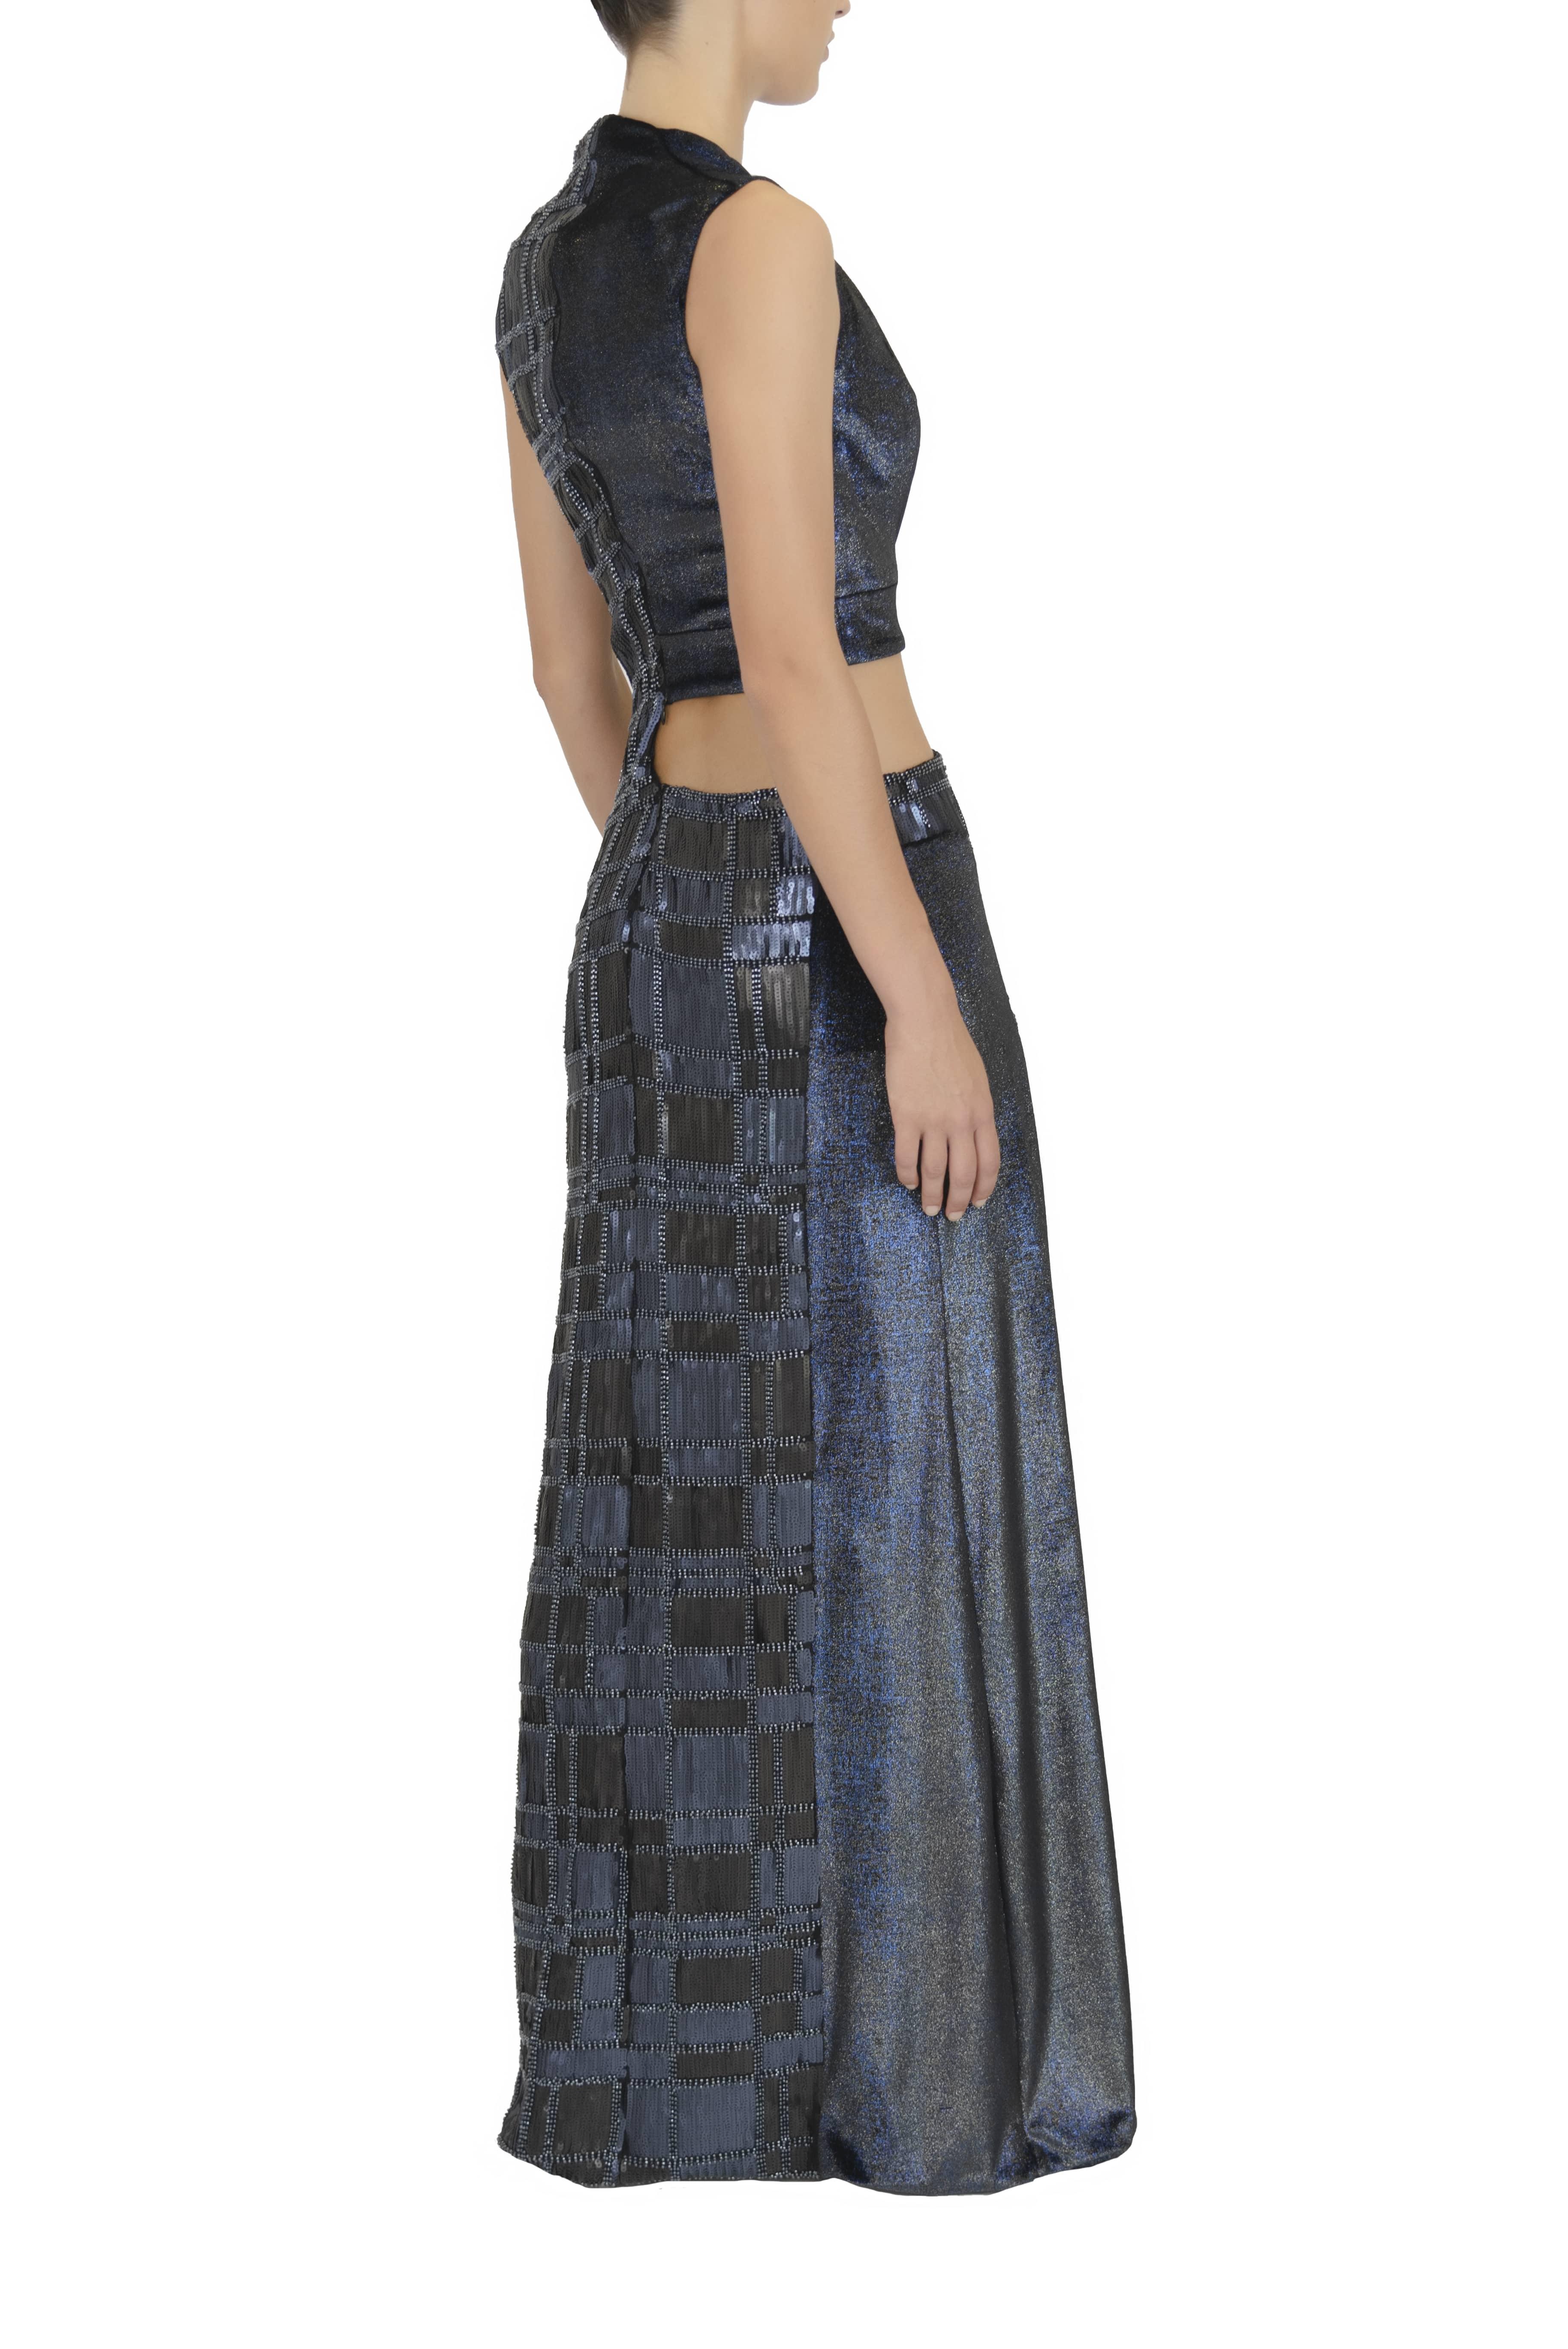 Vestido YAMAGUCHI 3